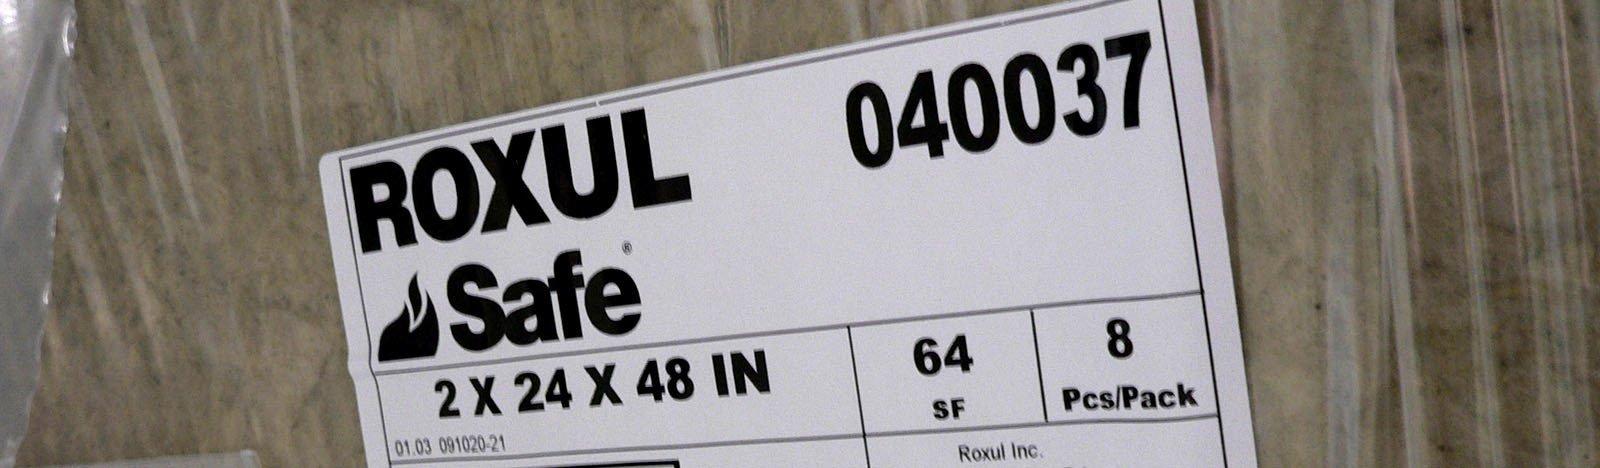 Bulk Packaging Labels